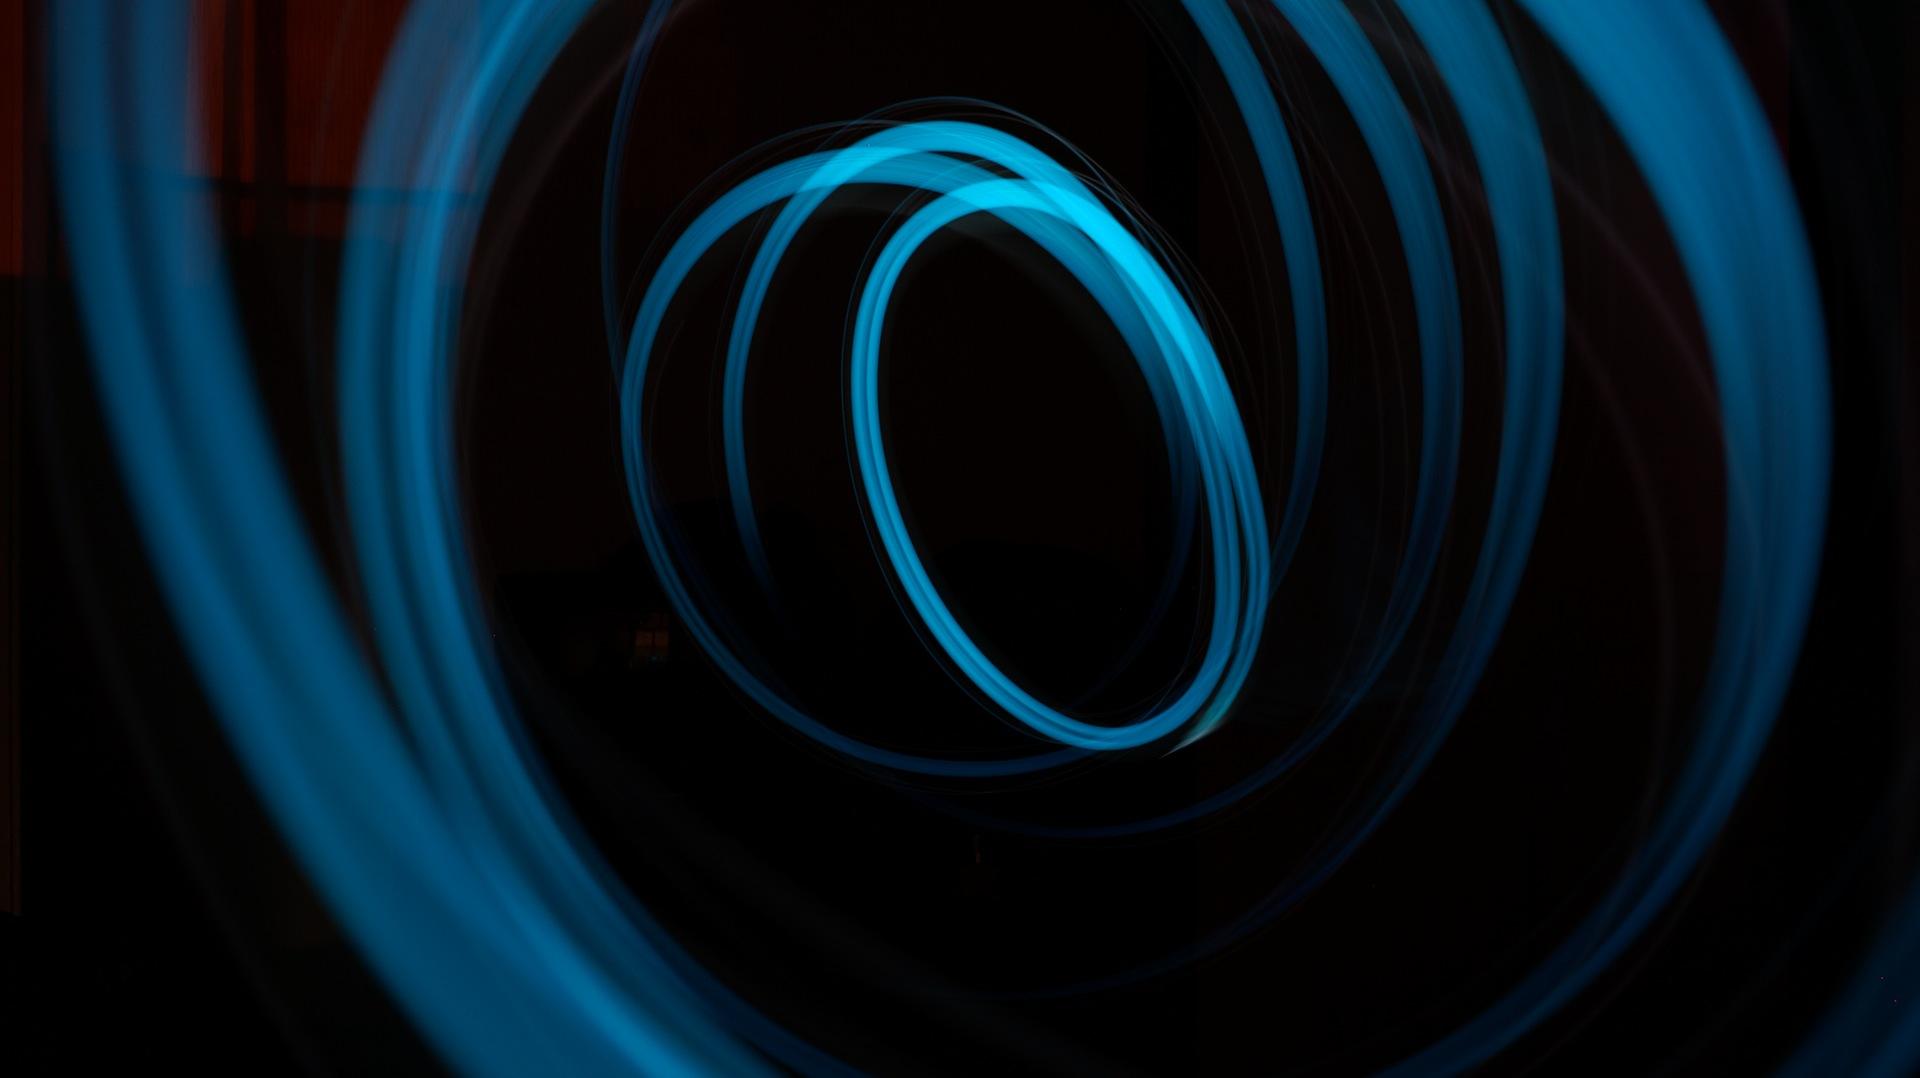 Lichter, Dunkelheit, Linien, Kunst, Blau - Wallpaper HD - Prof.-falken.com